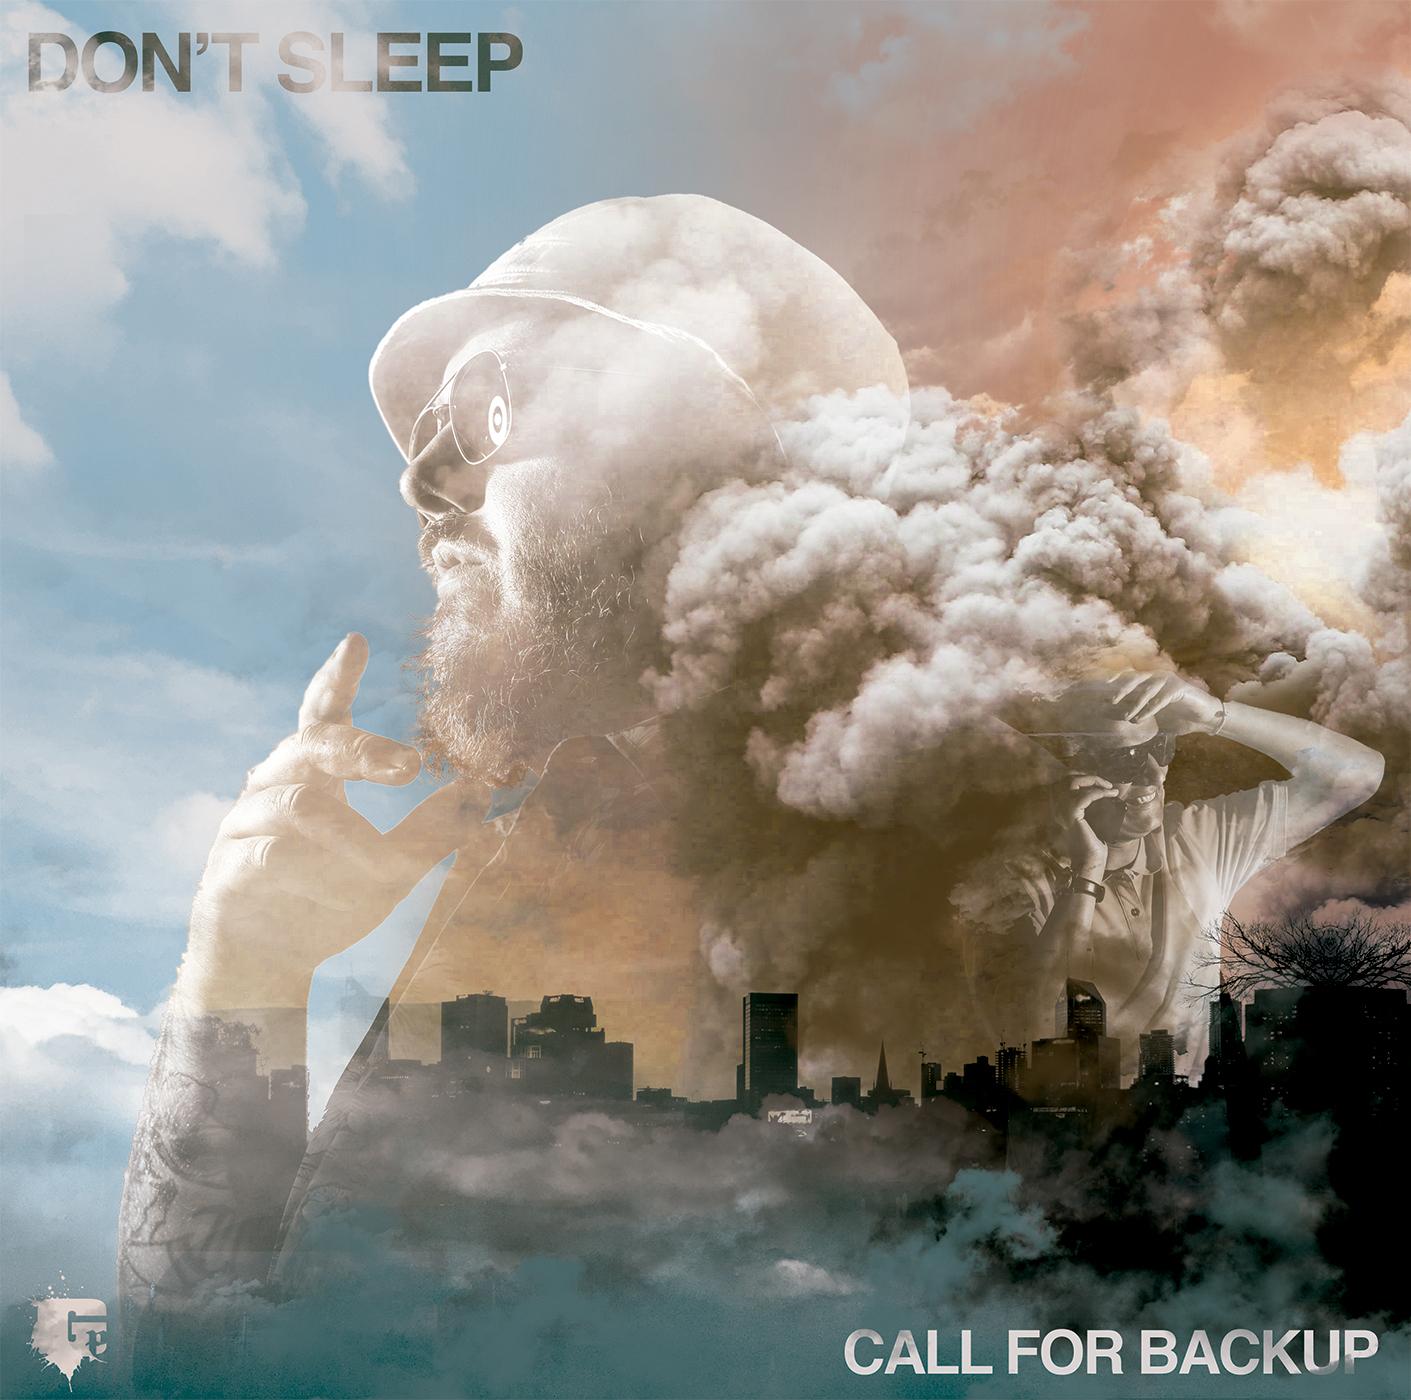 Don't Sleep - Call For Backup